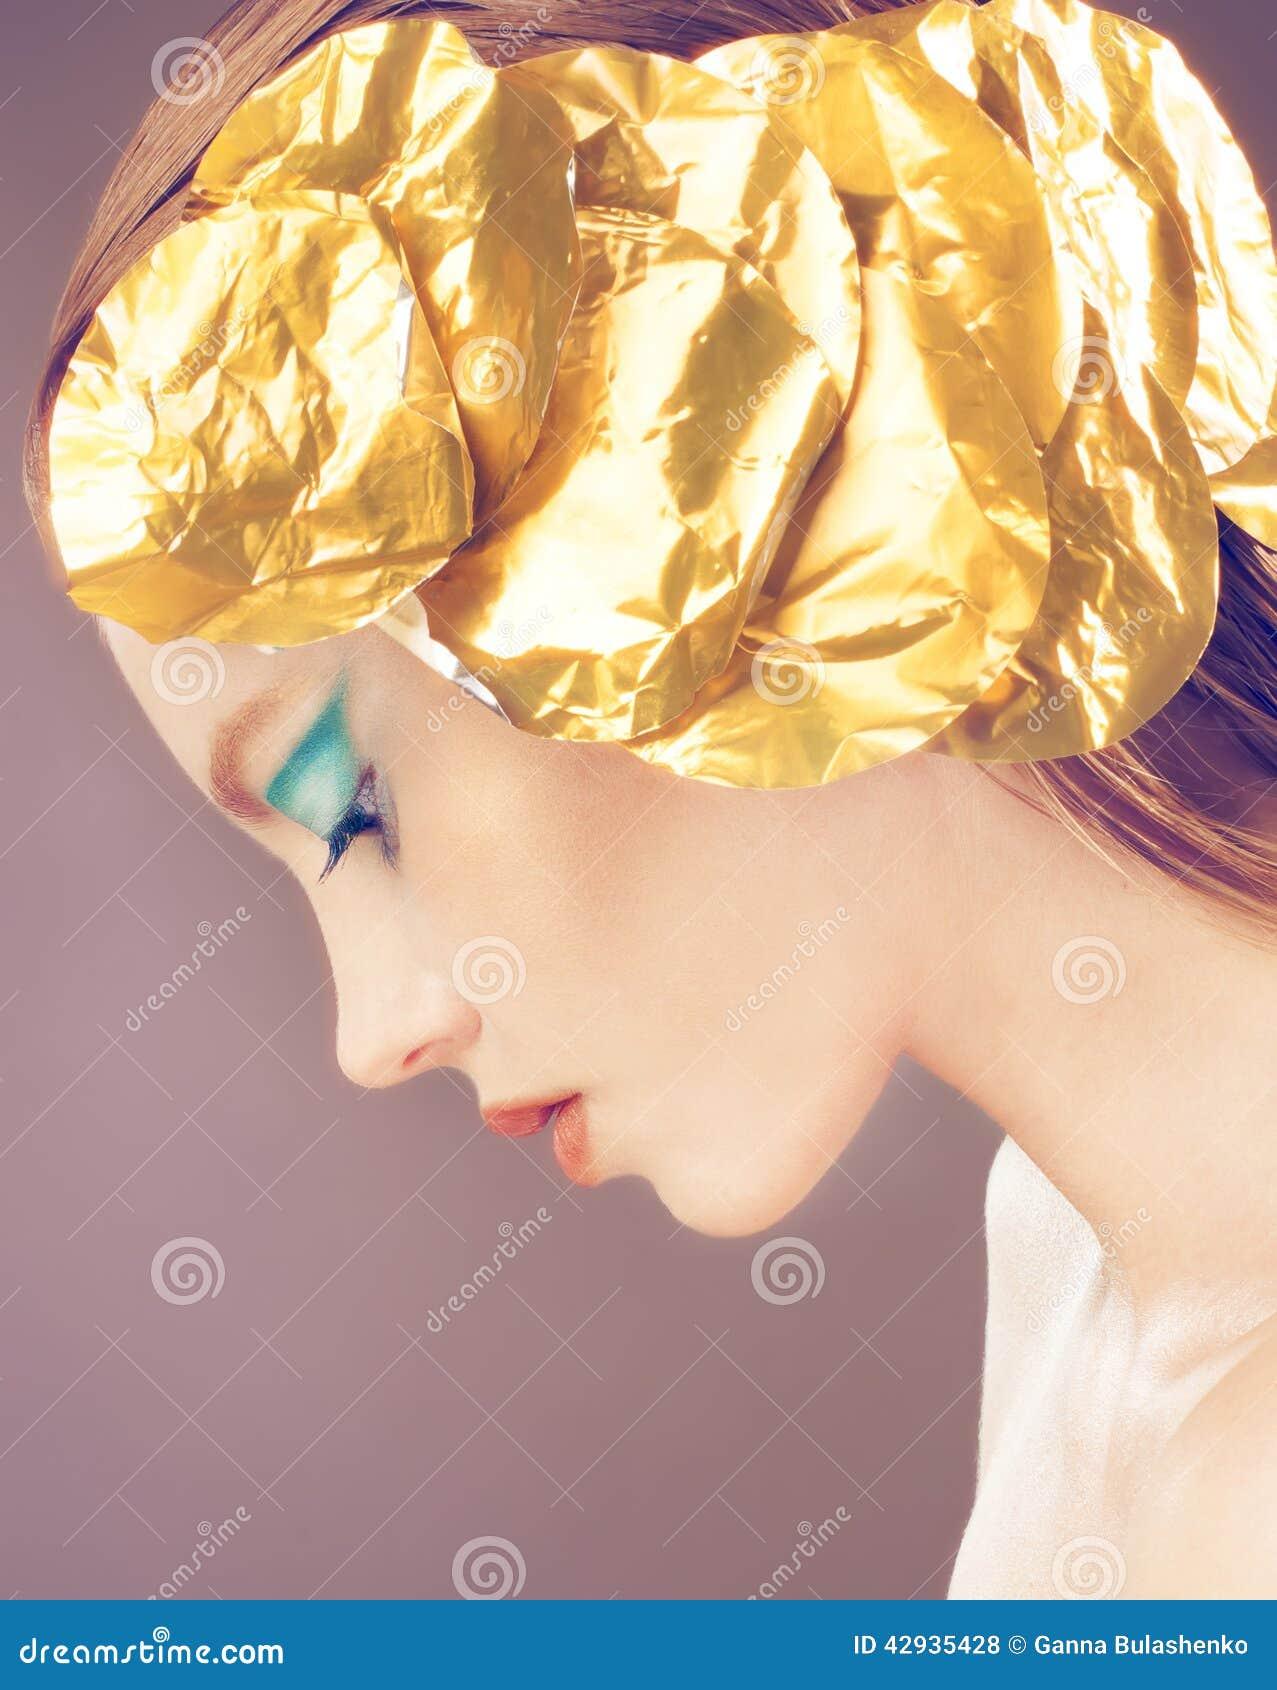 Dana flickan med guld- garnering på huvudet, blå makeup